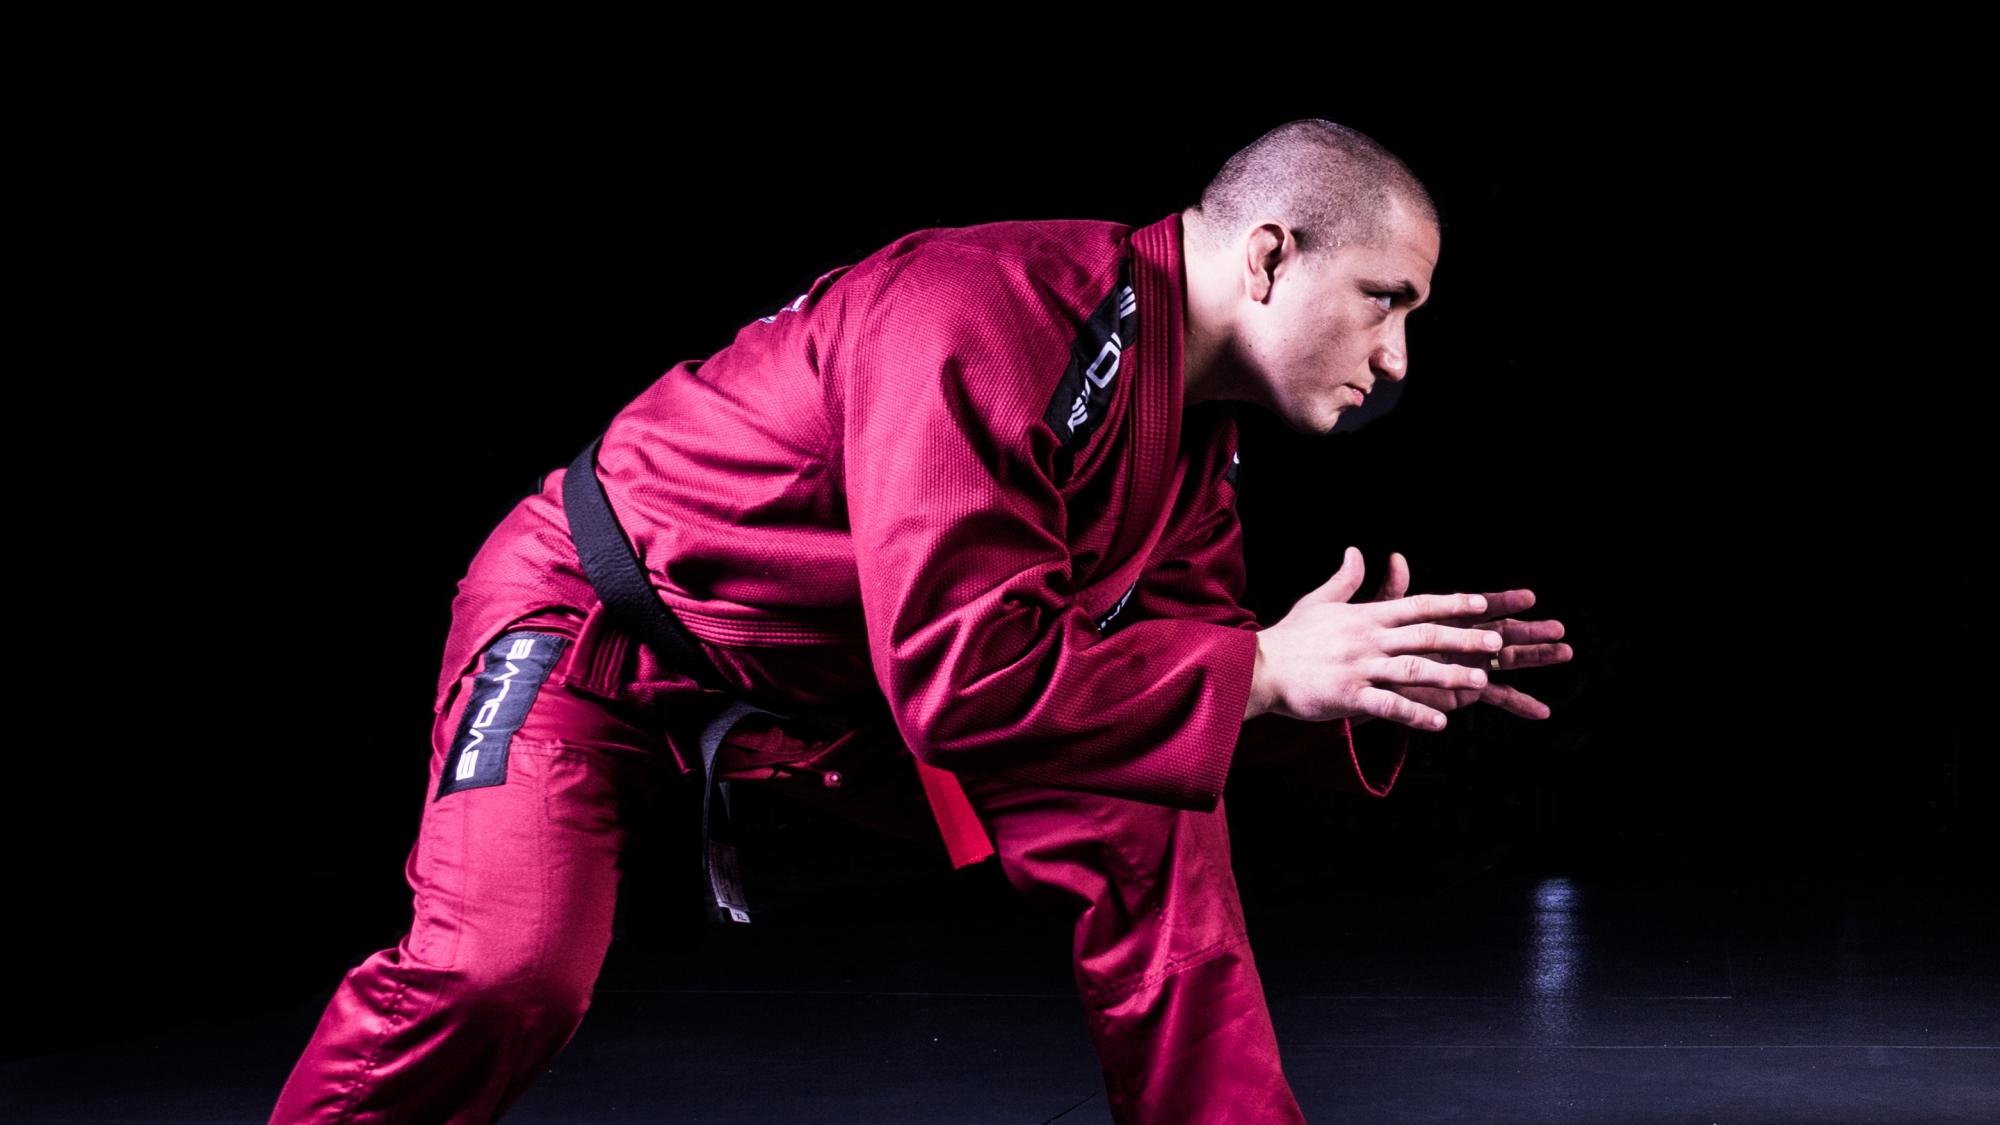 An Introduction To Brazilian Jiu-Jitsu (BJJ)